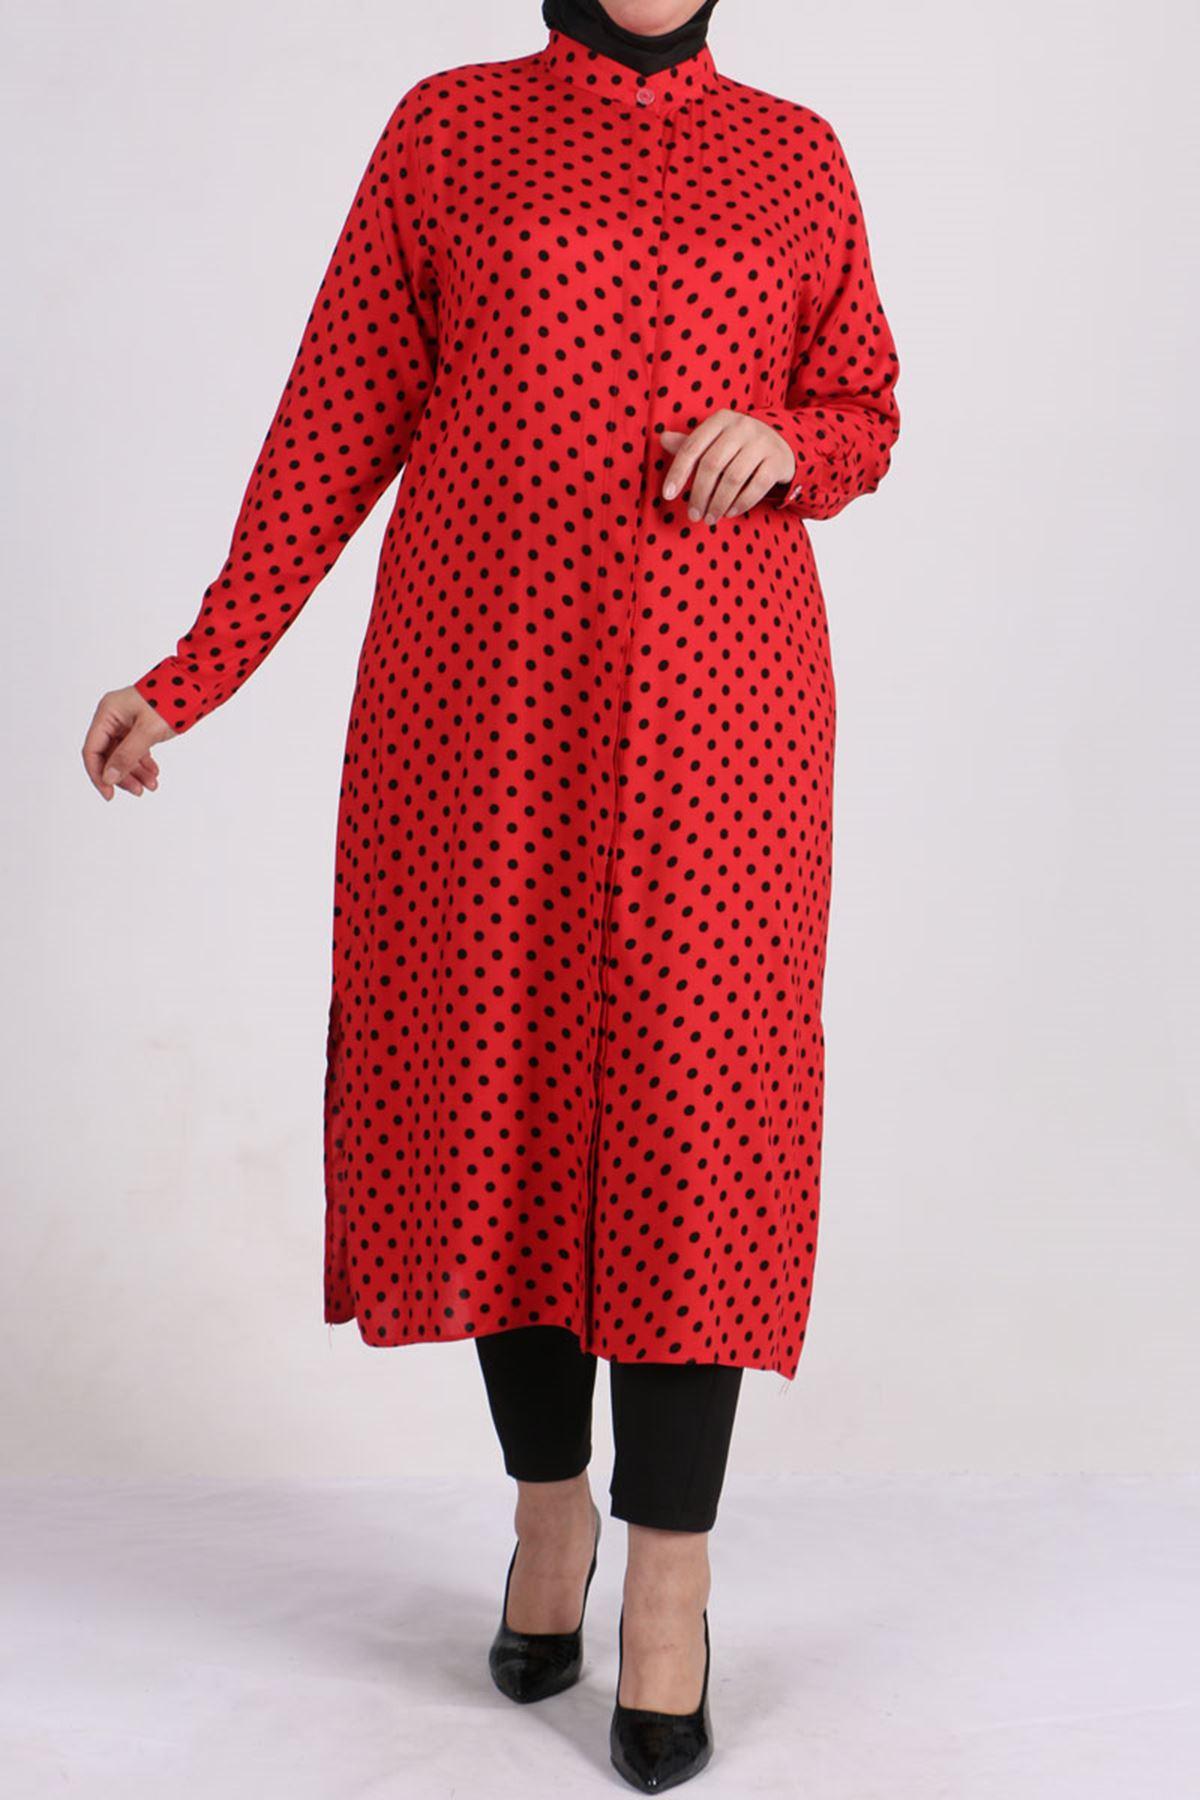 8462 قميص مقاس كبير - أسود - احمر منقط